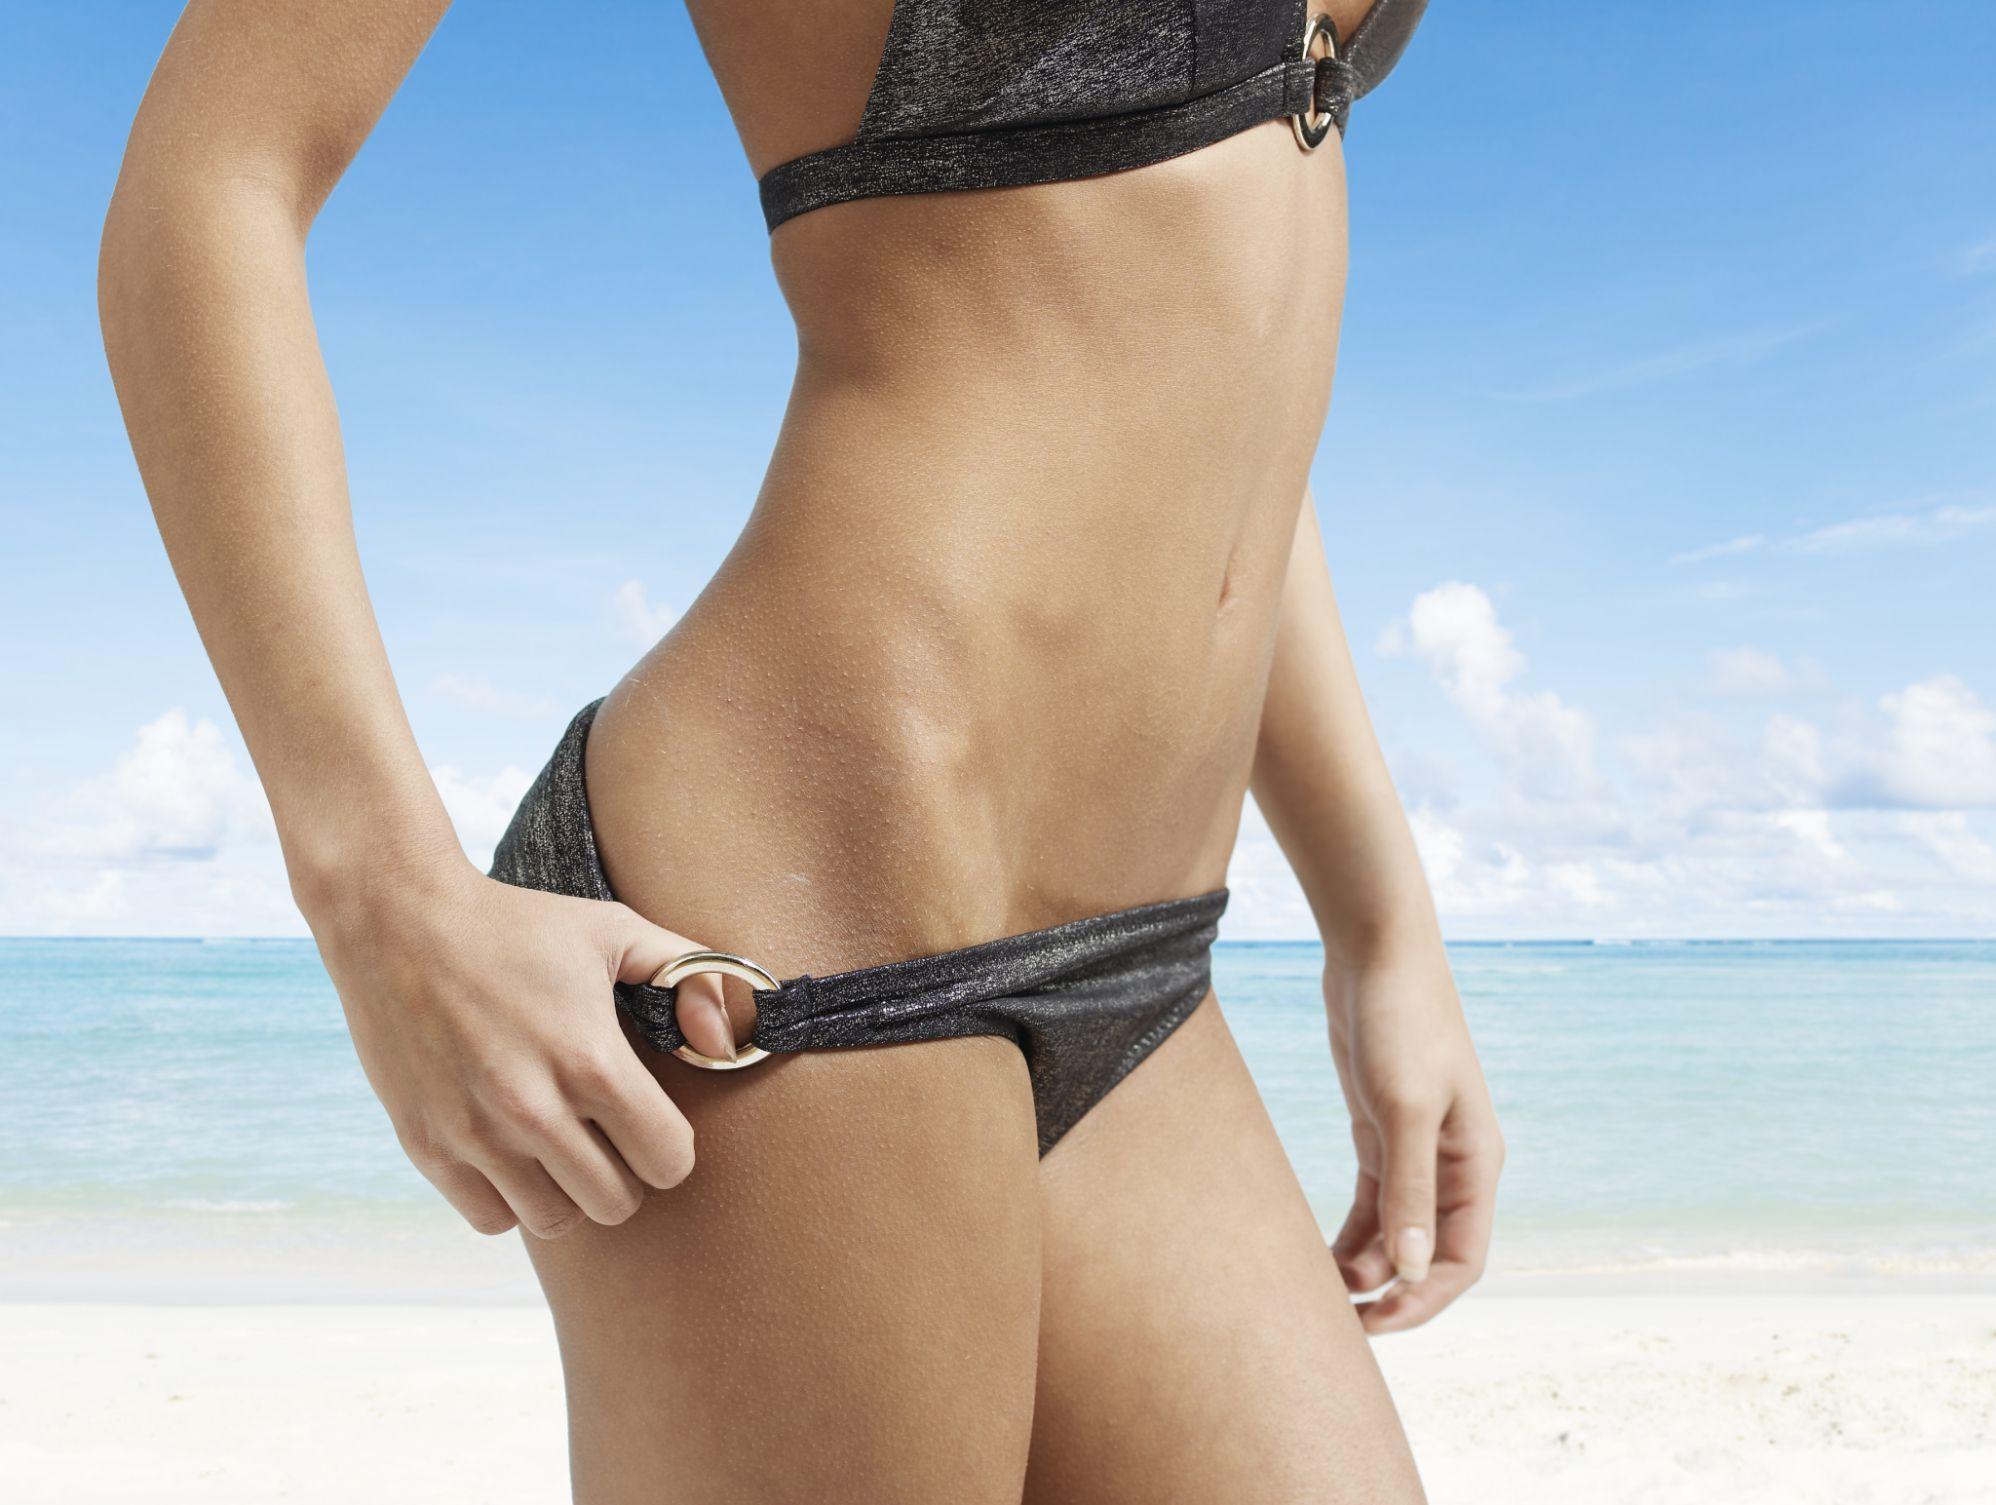 Midsection View of Woman Pulling Bikini Bottom ingrownhairremedies